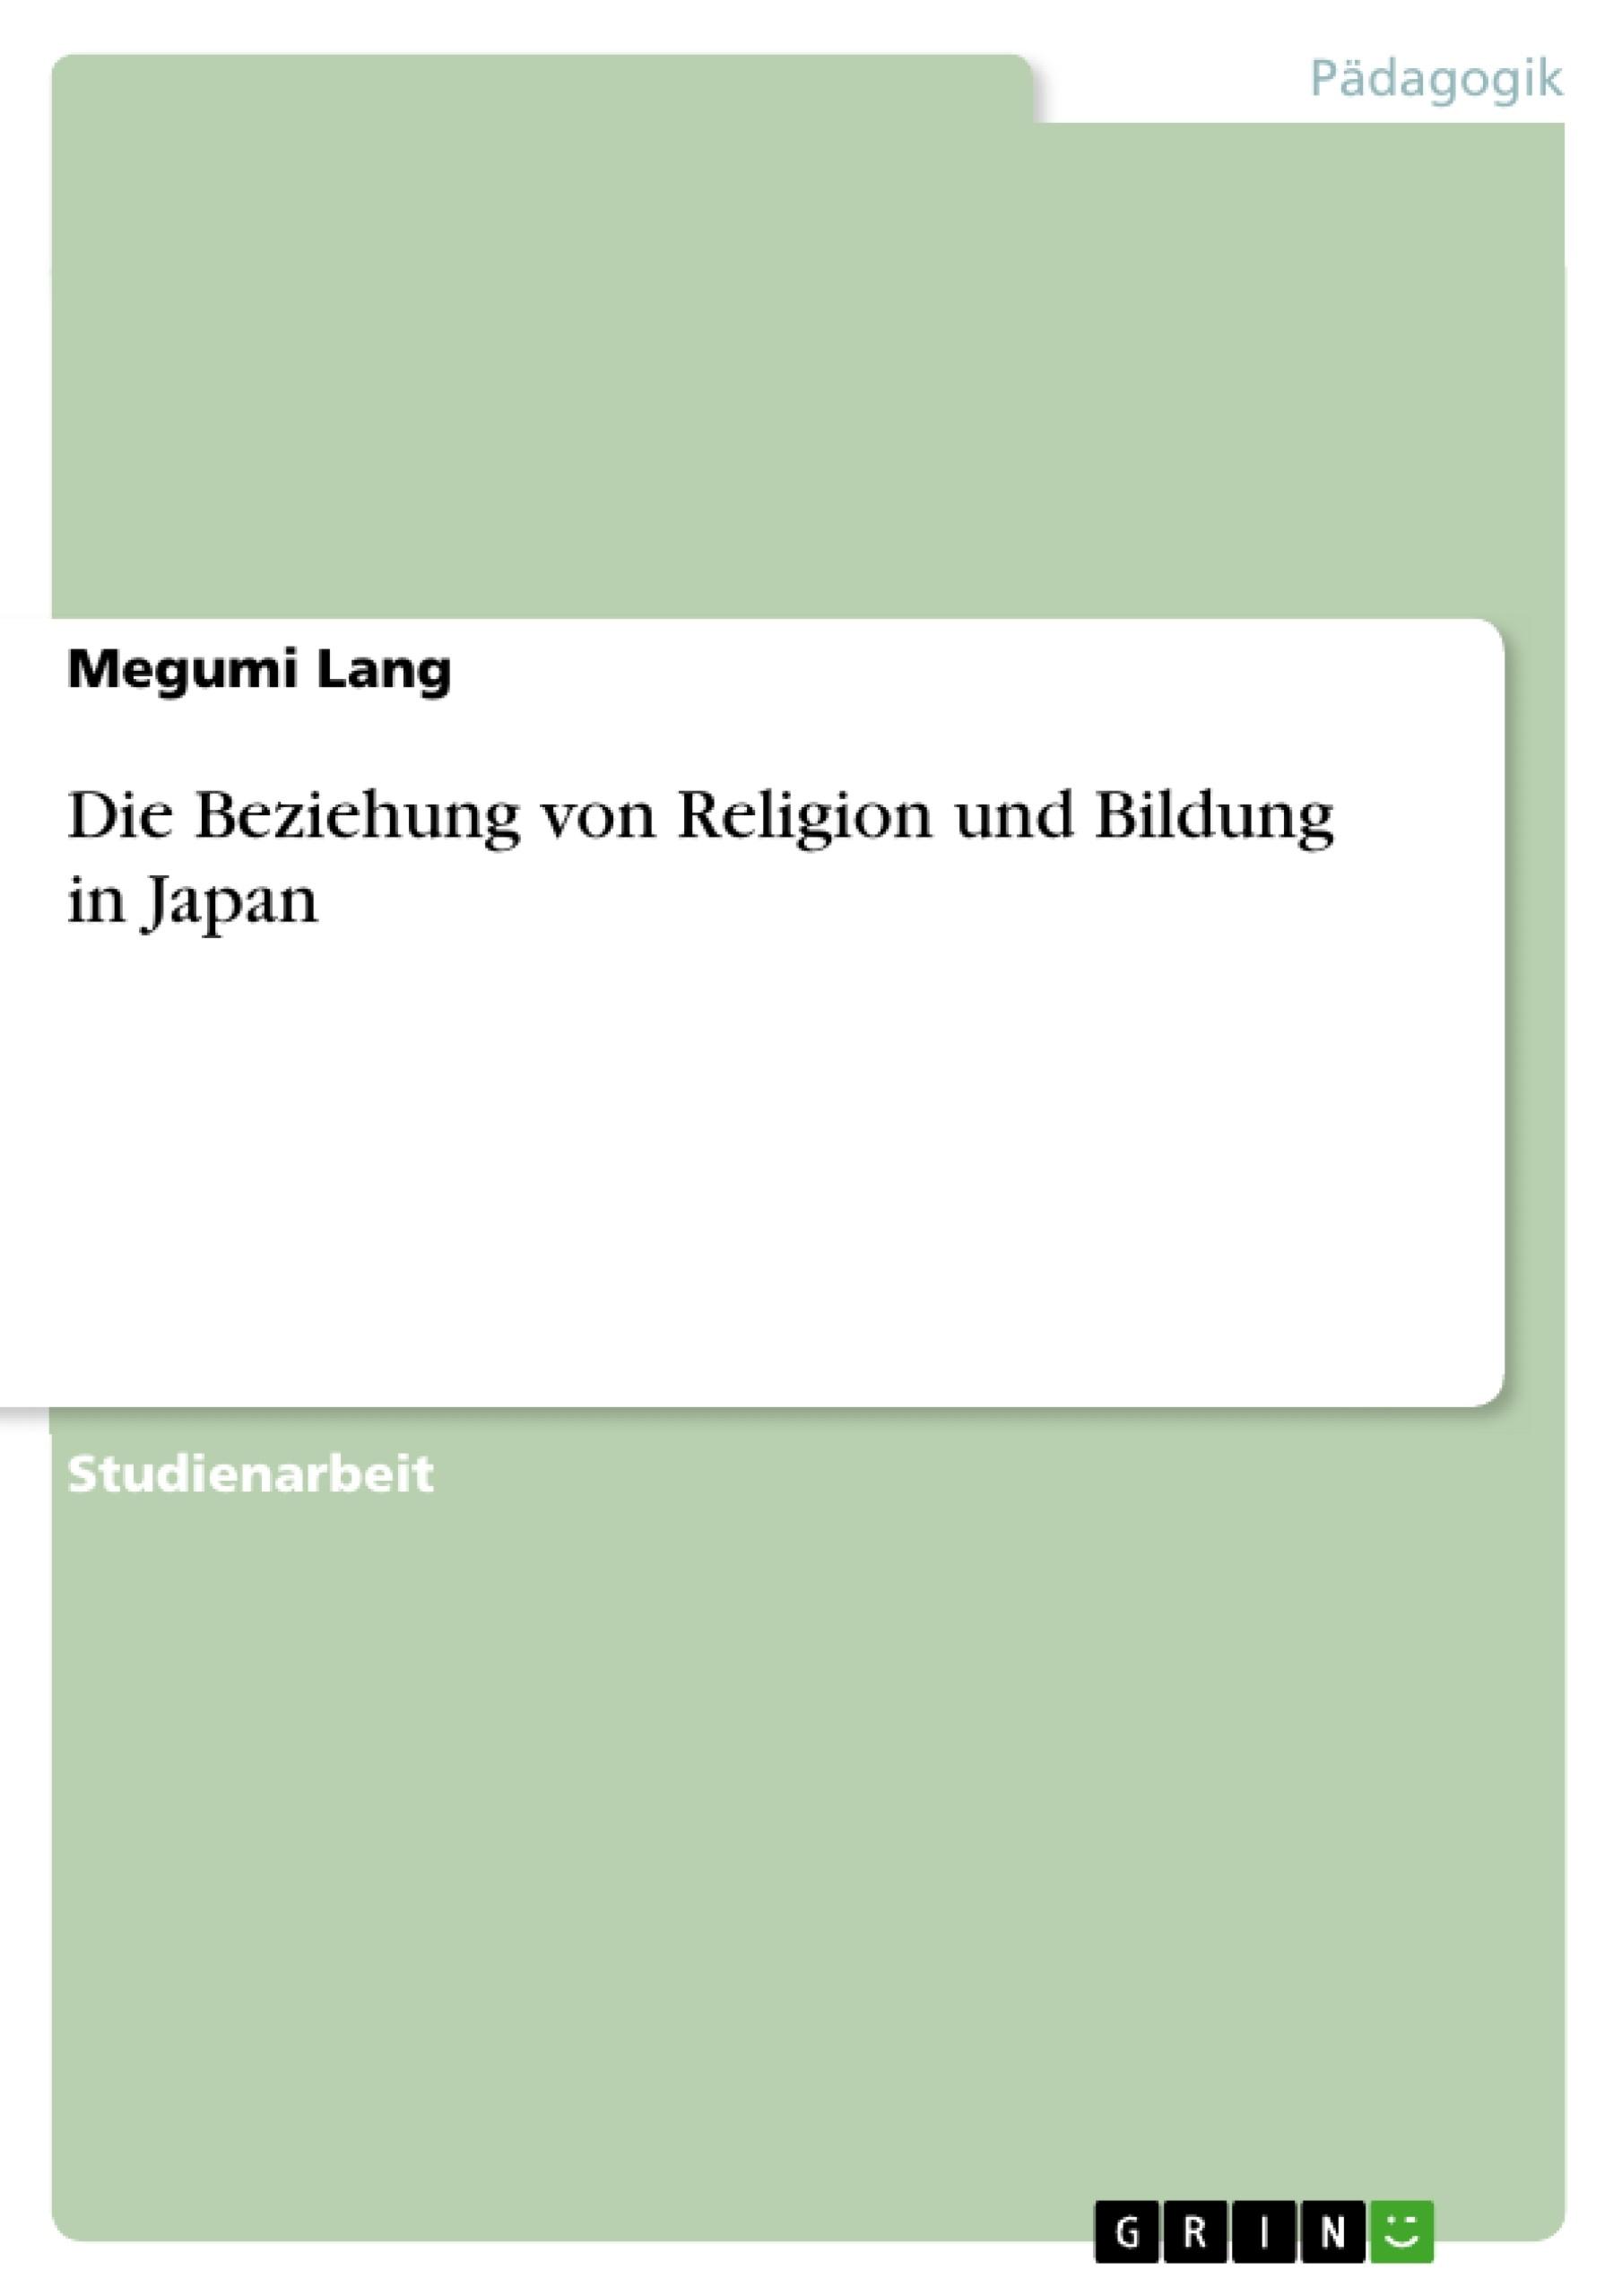 Titel: Die Beziehung von Religion und Bildung in Japan